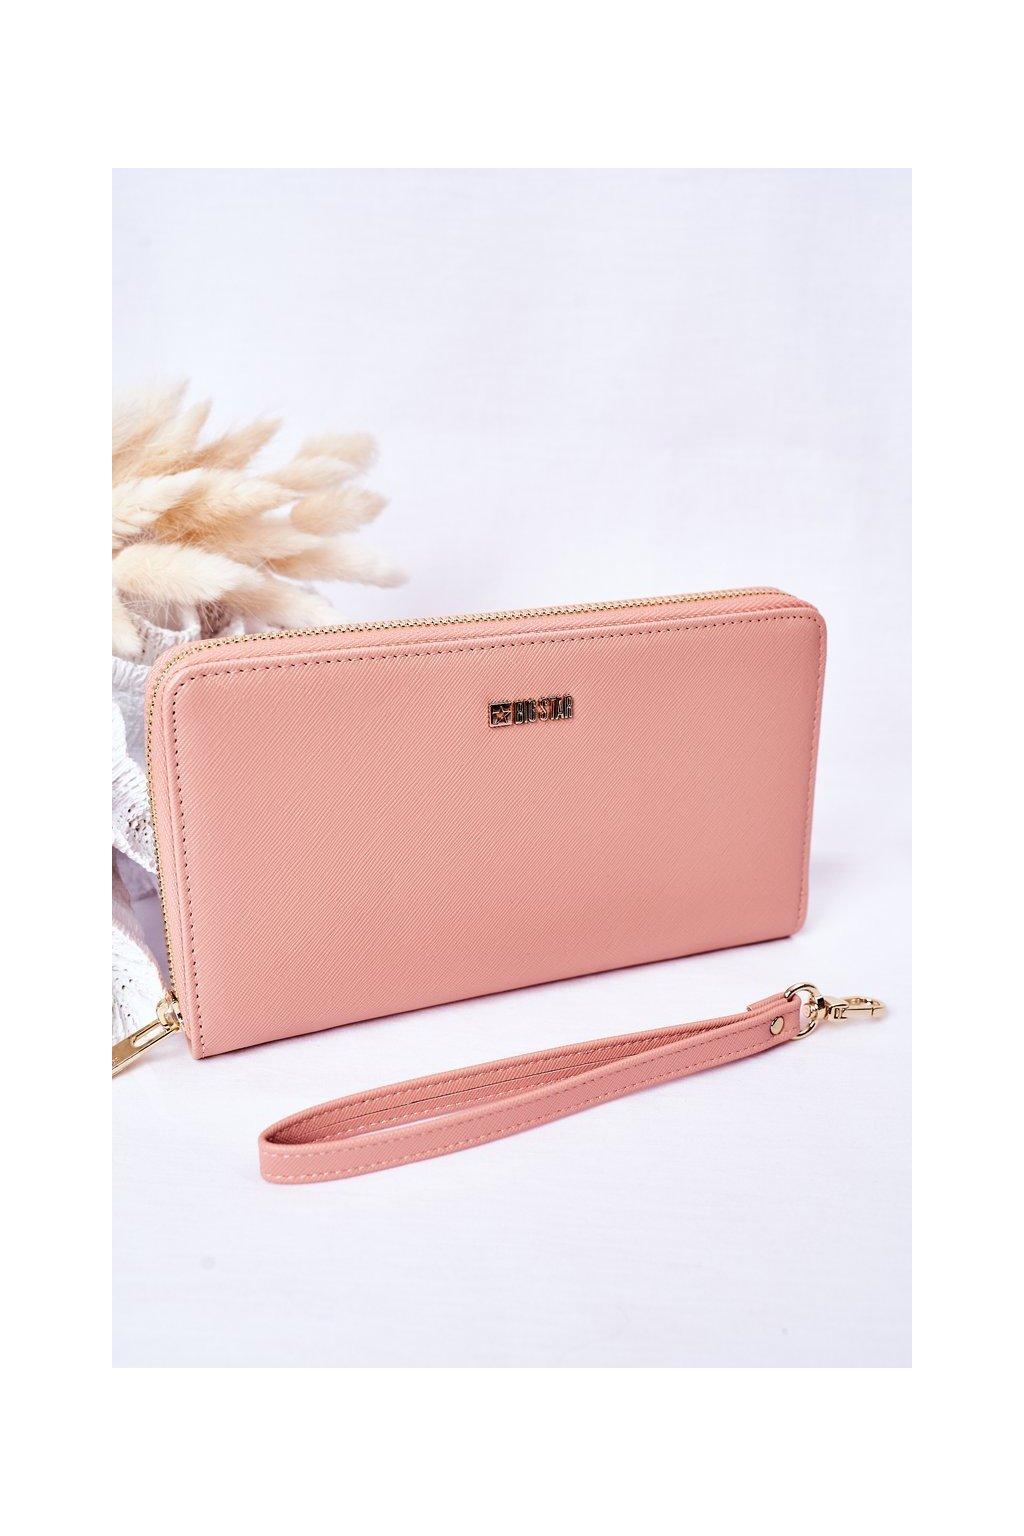 Peňaženka farba ružová kód HH674002 PINK